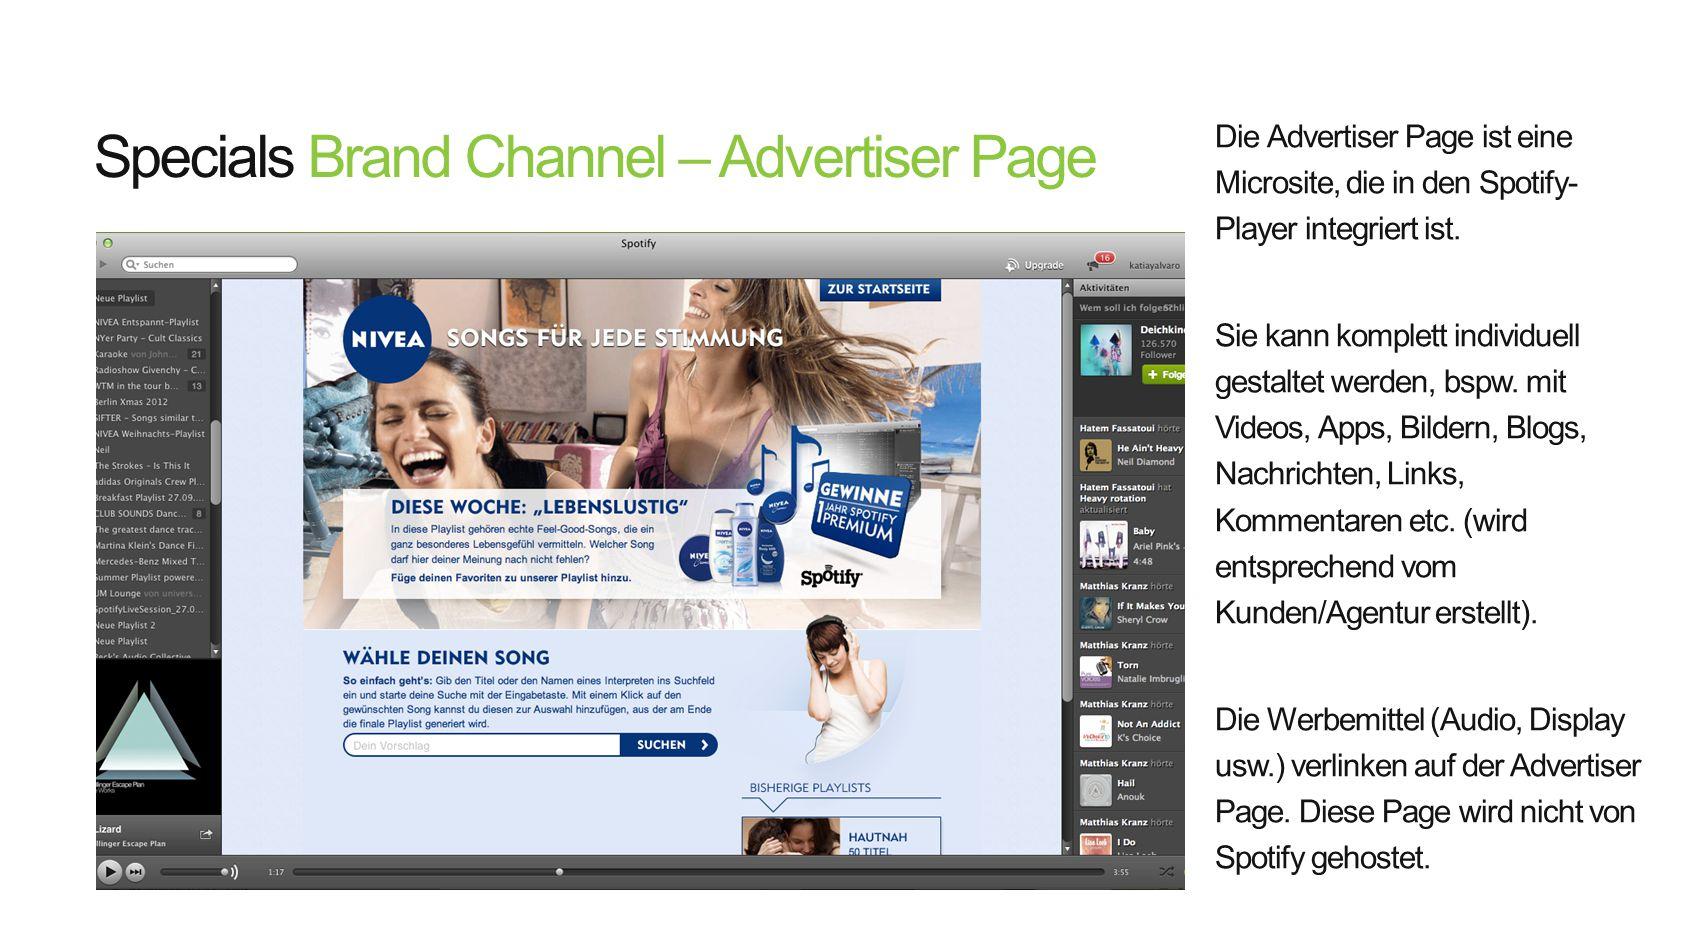 Specials Brand Channel – Advertiser Page Die Advertiser Page ist eine Microsite, die in den Spotify- Player integriert ist. Sie kann komplett individu